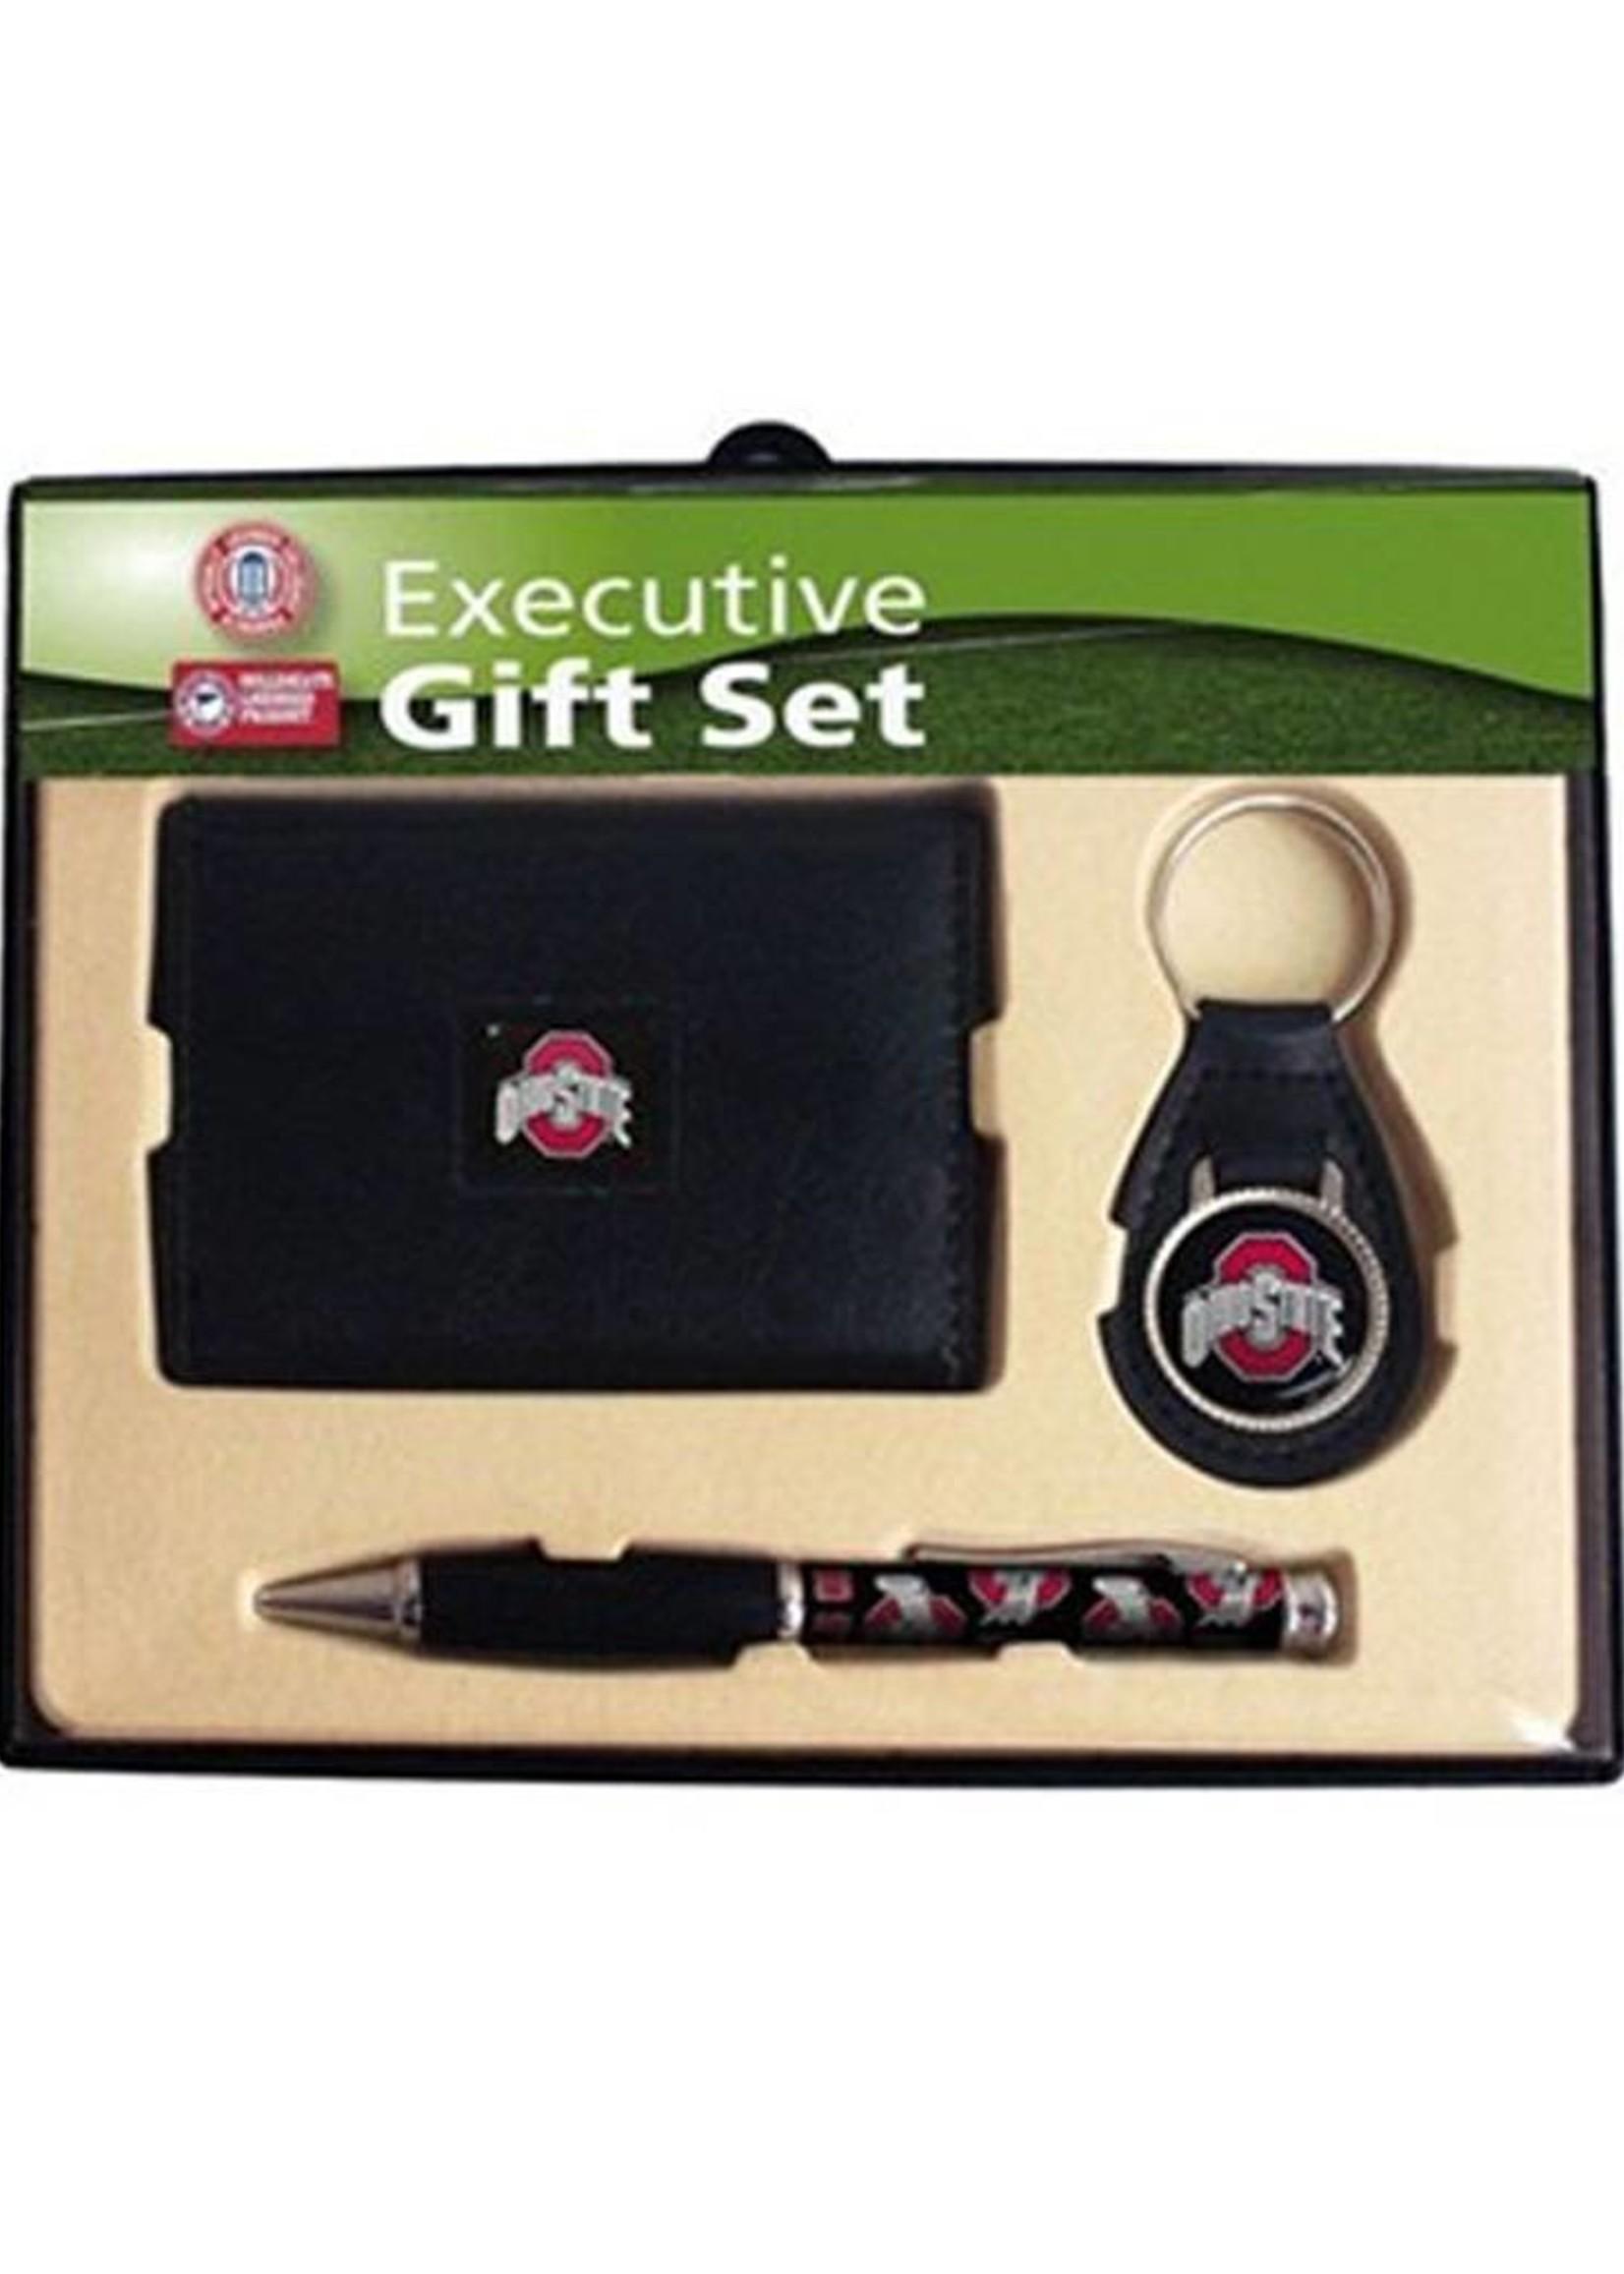 Ohio State University Executive Gift Set